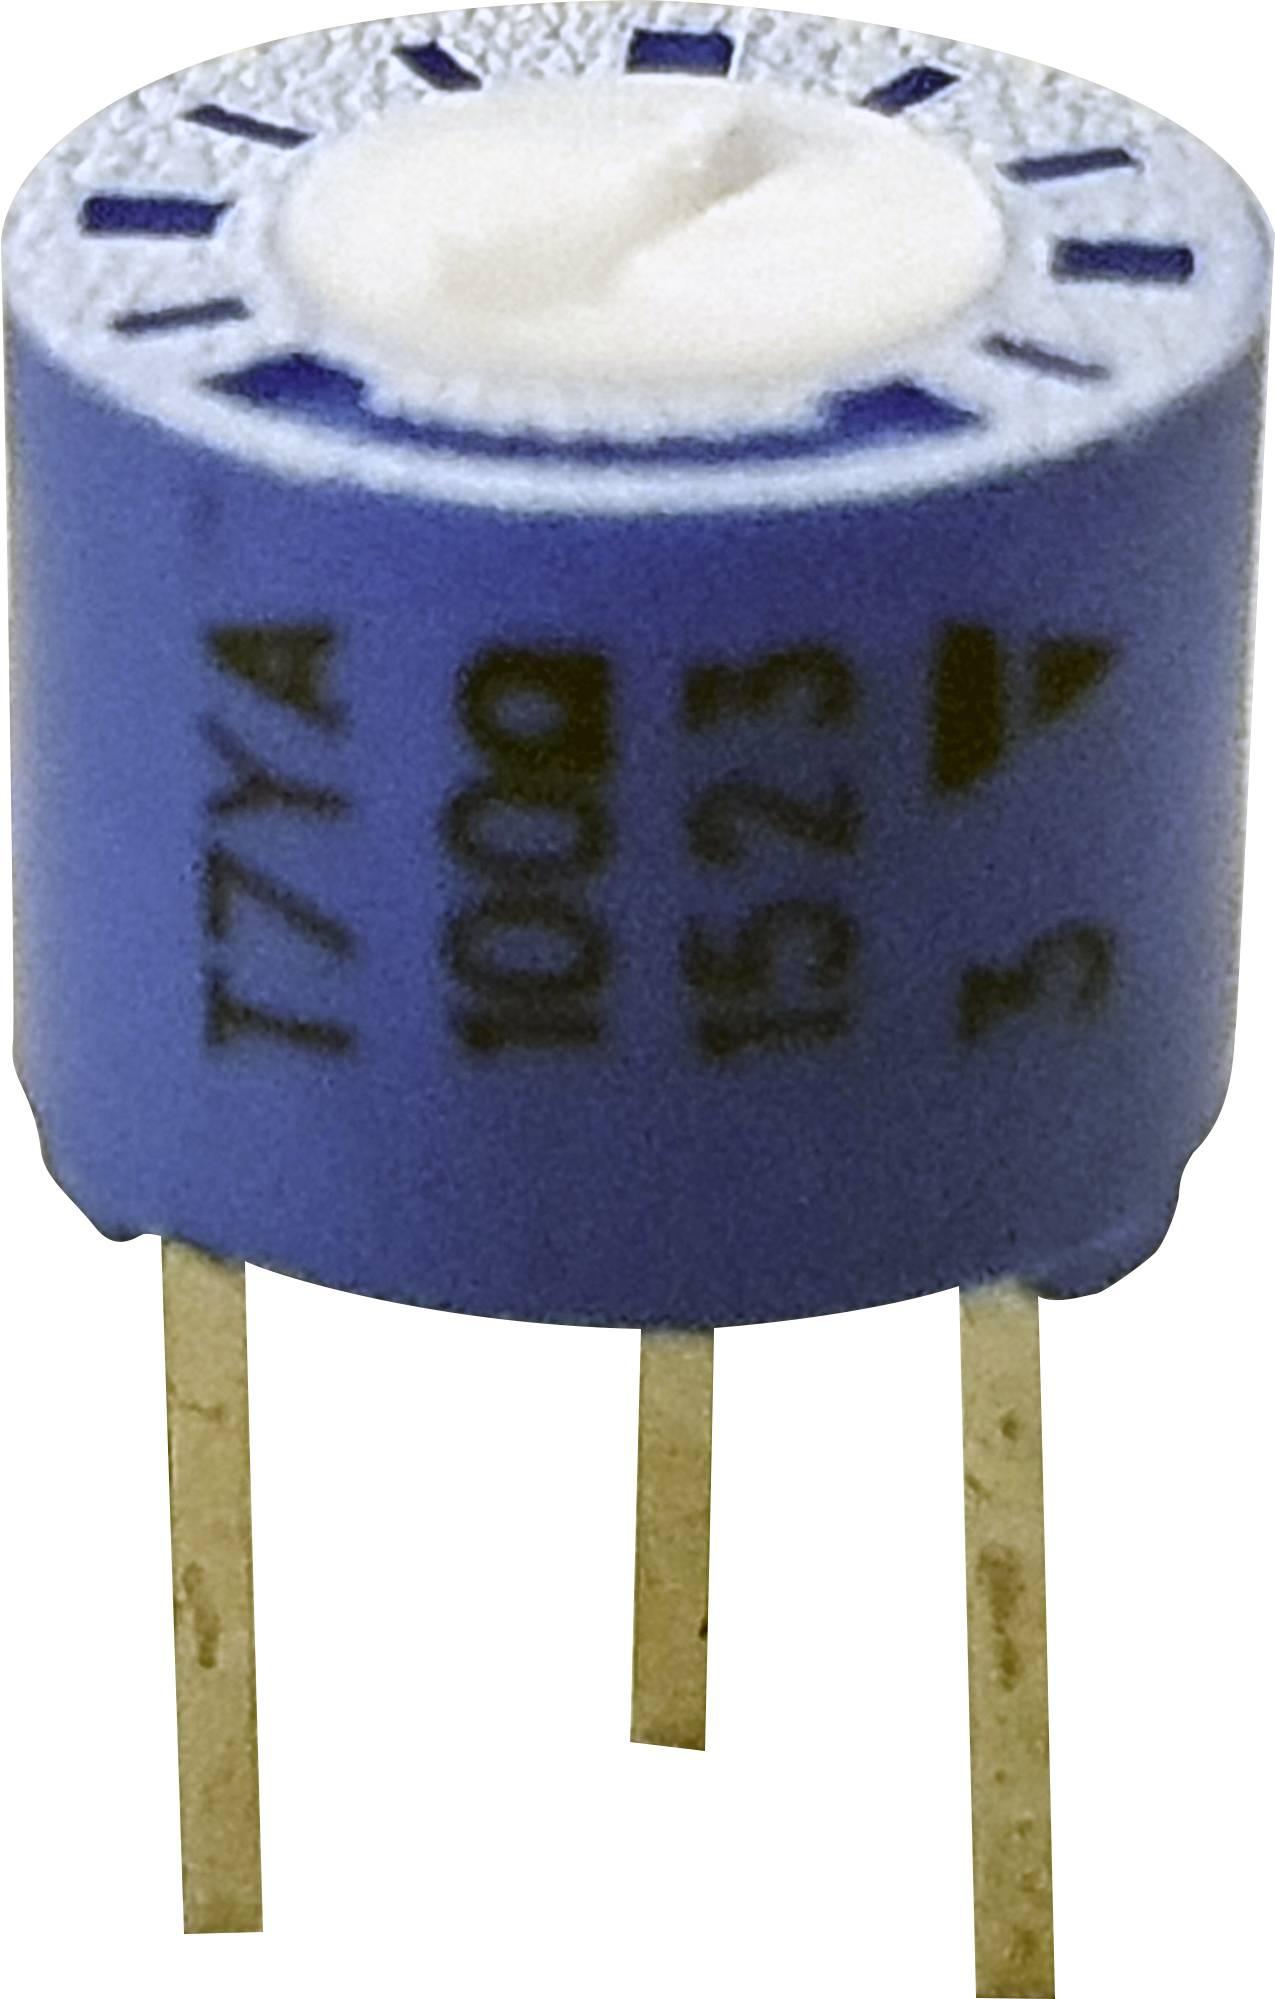 Precízny trimer Vishay 75 P 100K, lineárny, 100 kOhm, 0.5 W, 1 ks